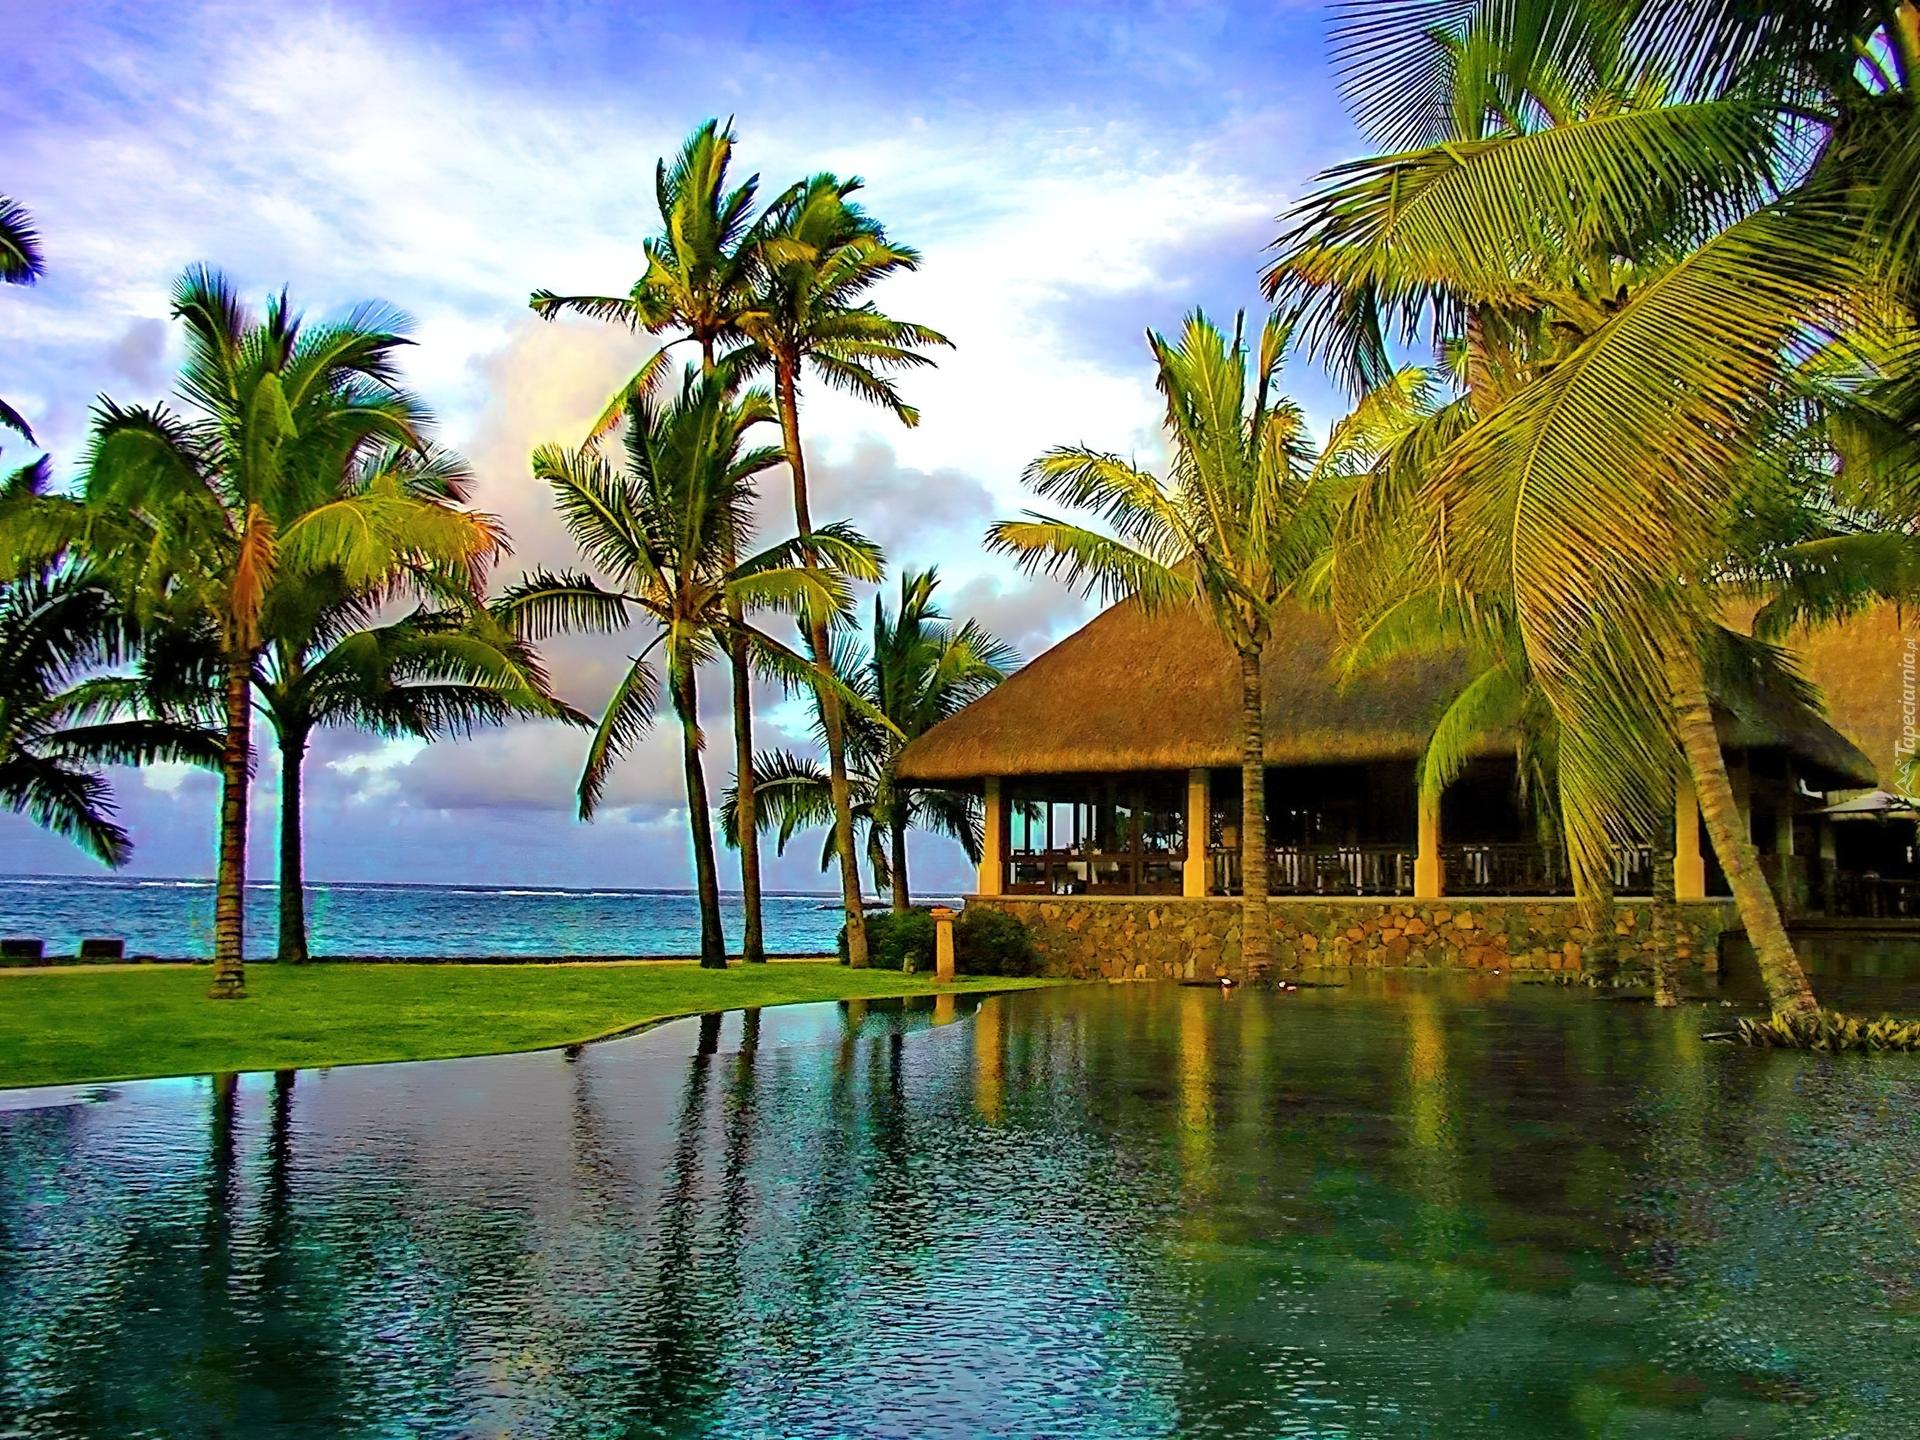 центров обои на рабочий стол пляж море пальмы бунгало алла